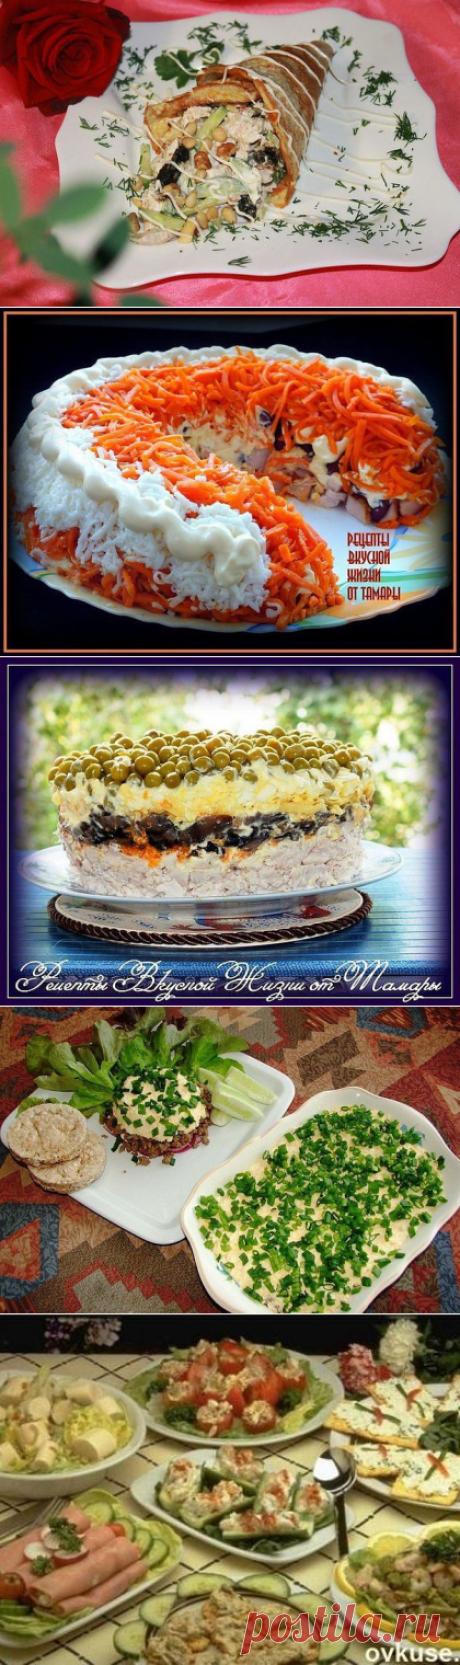 Tor - 10 vkusneyshih de las ensaladas de carne - las recetas Simples Овкусе.ру